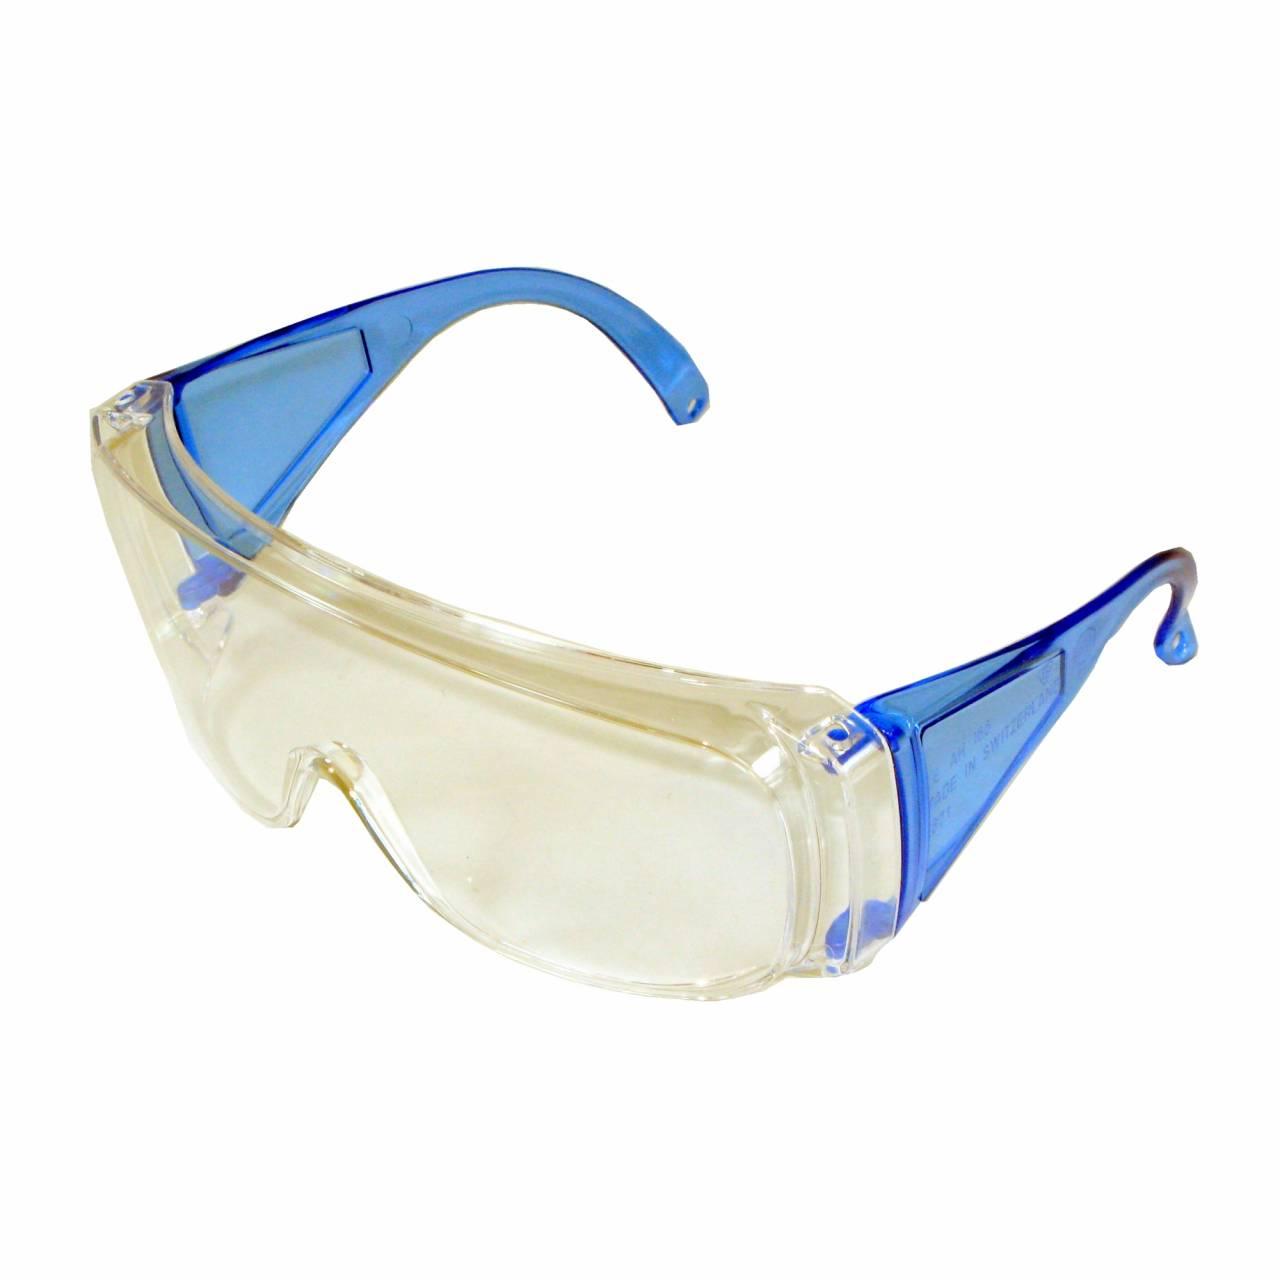 Schutz- und Überbrille 'Overspec Color'